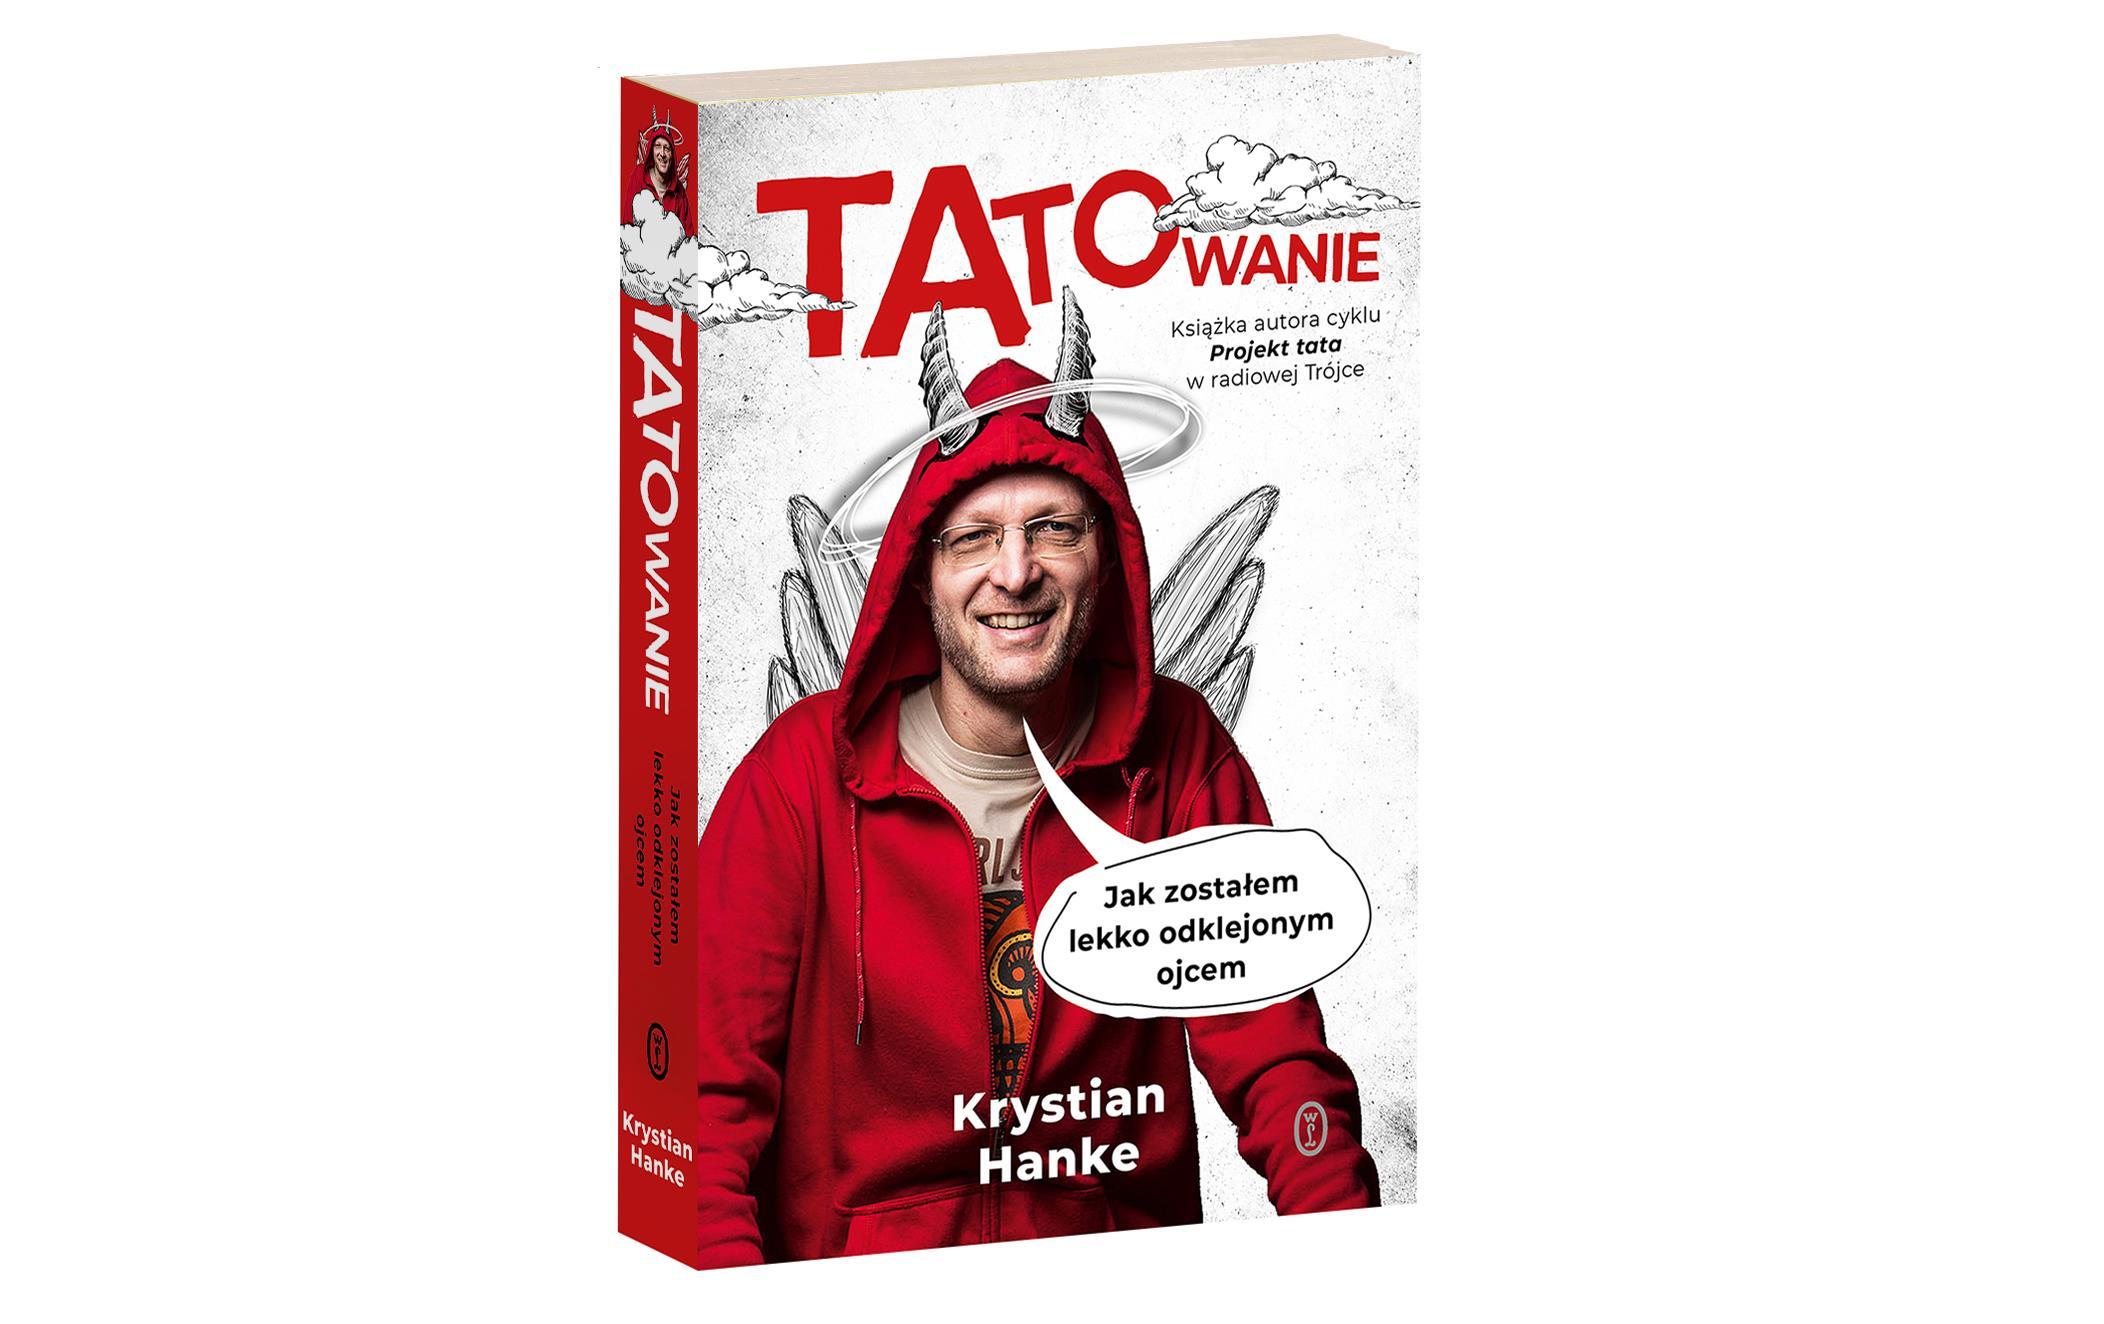 Tatowanie - Krystian Kanke